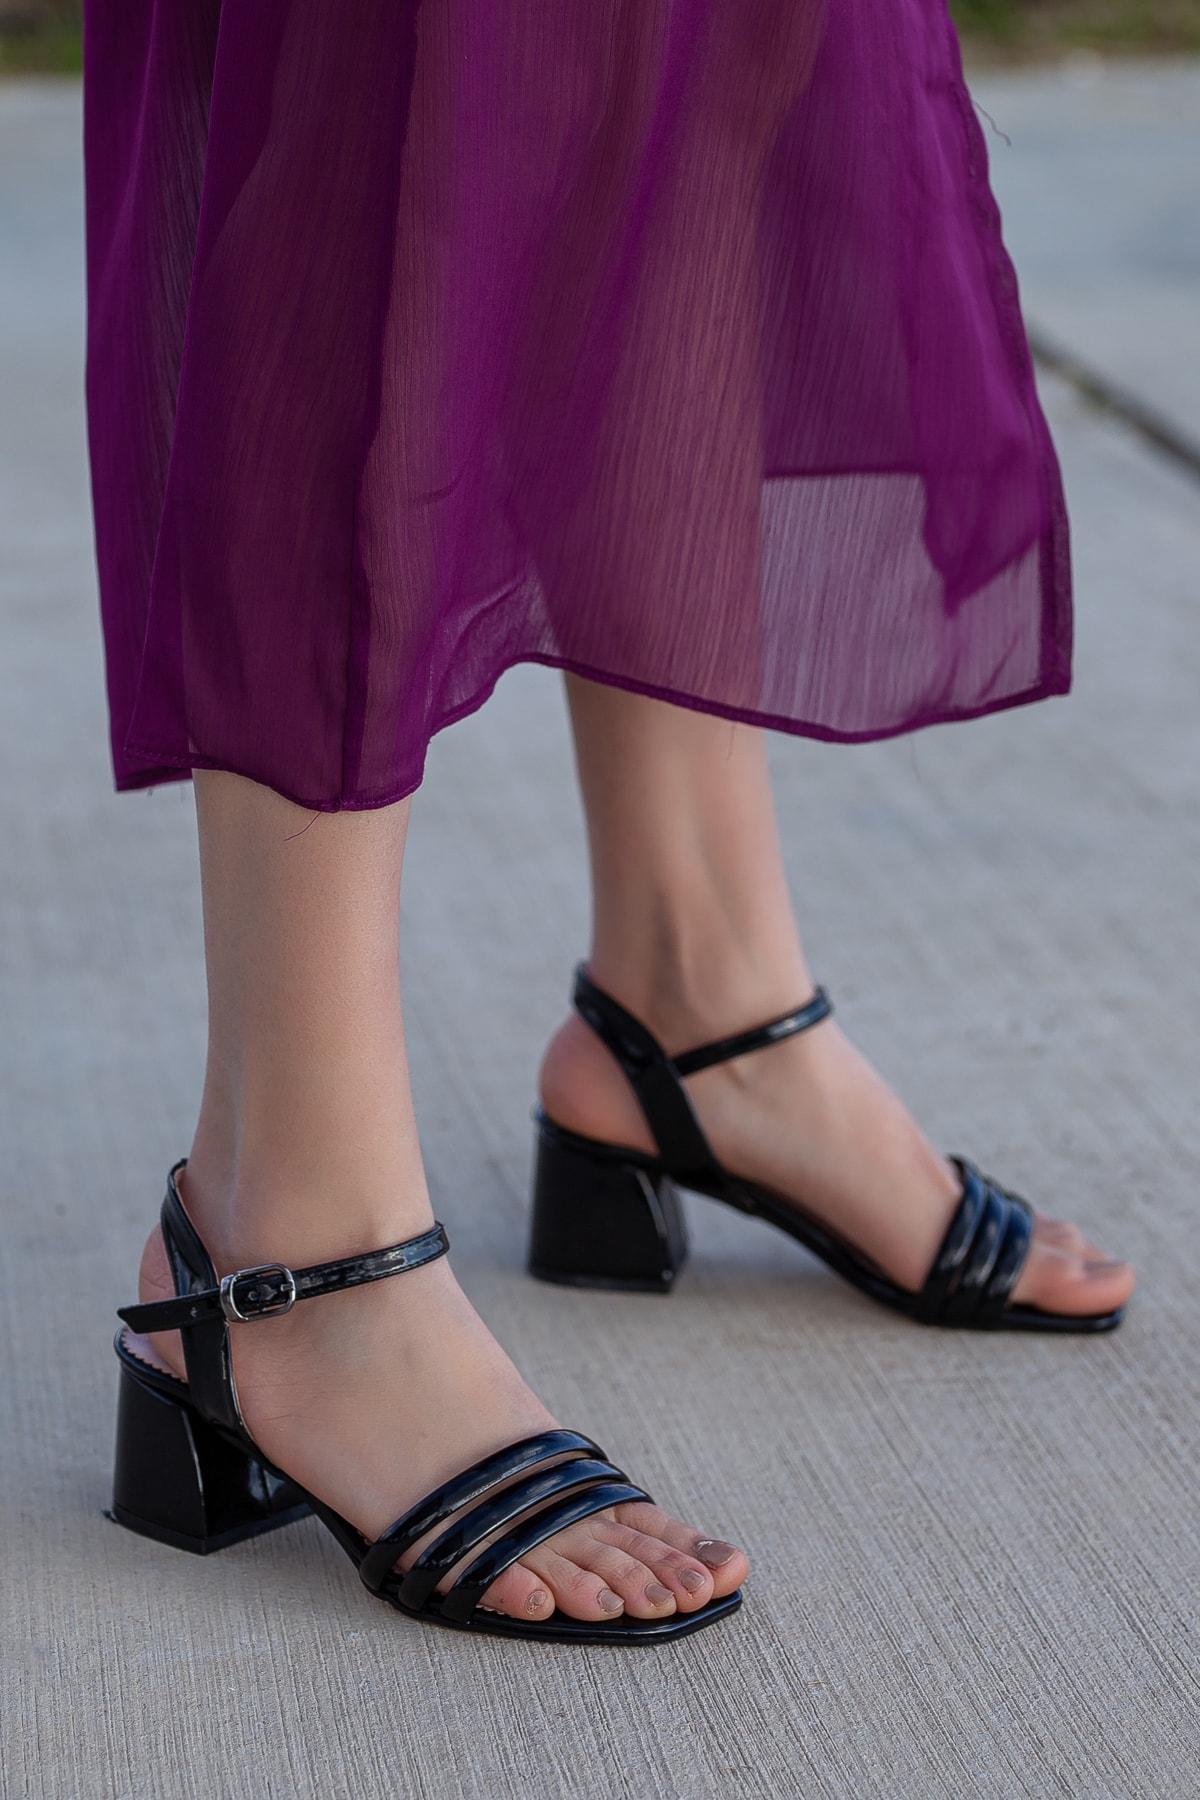 Daxtors Kadın Klasik Topuklu Ayakkabı 2